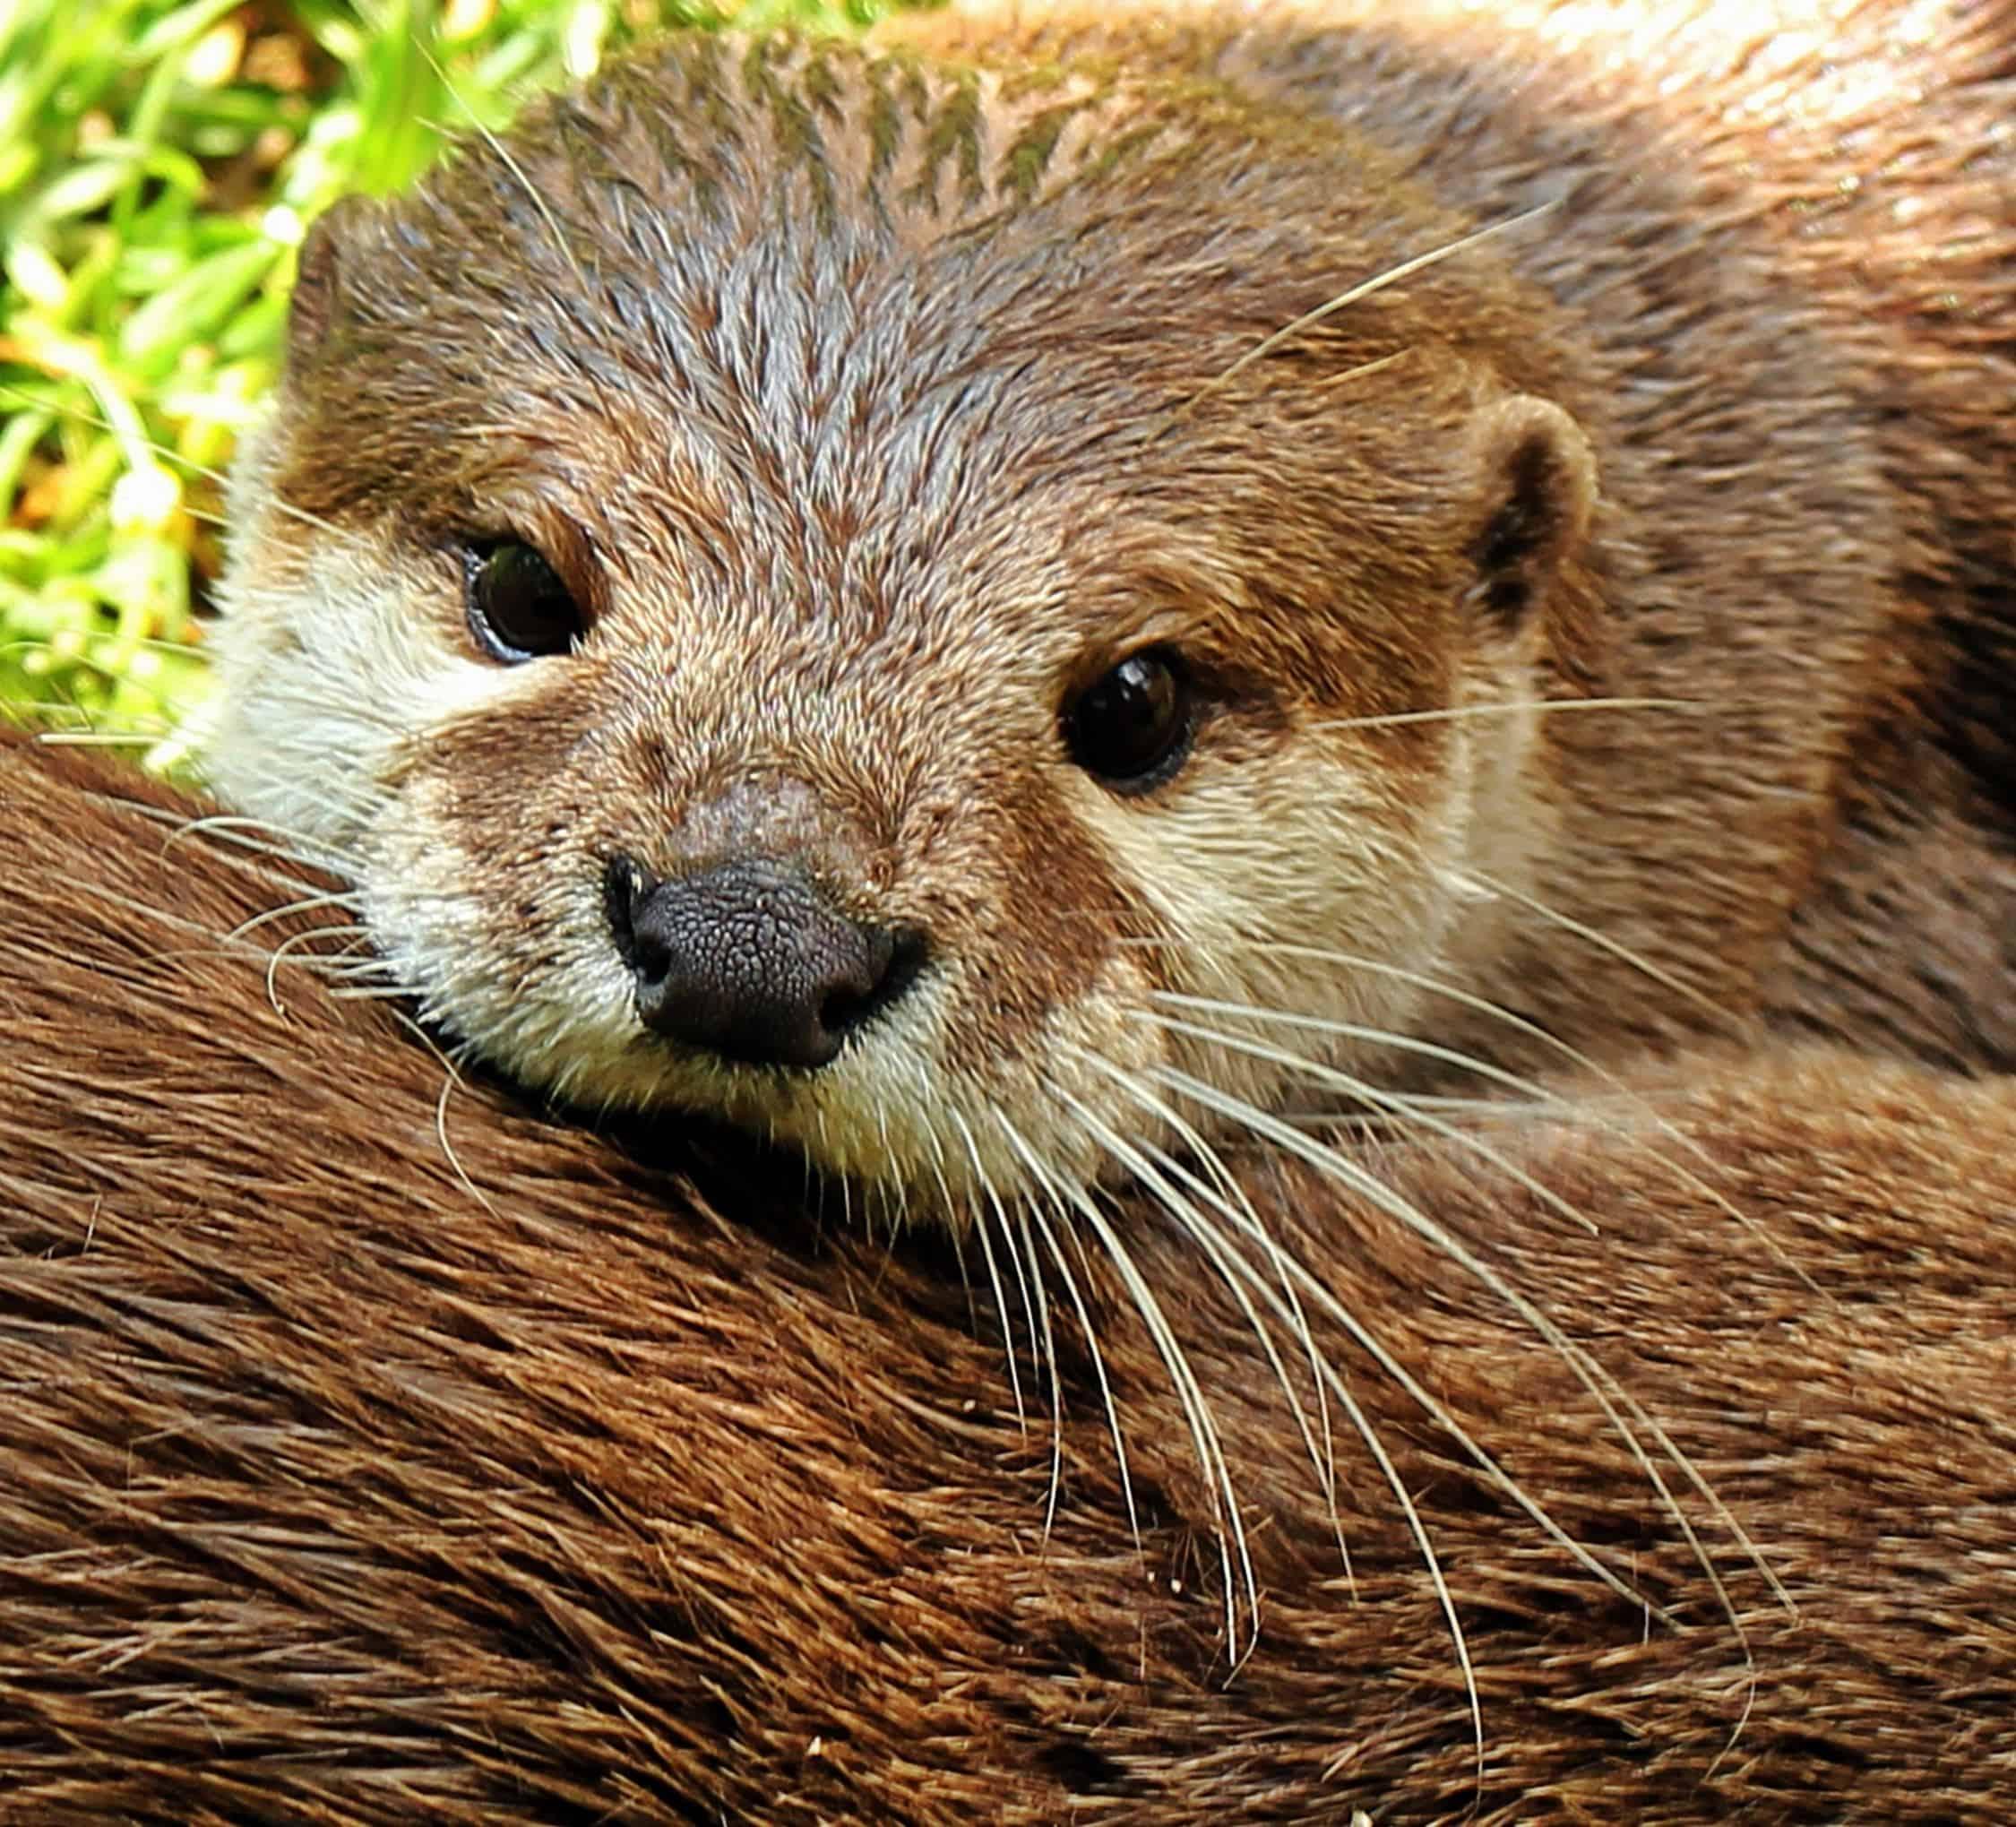 Kostenlose Bild: Otter, Nagetier, Fell, Tier, Natur, Tiere, wild